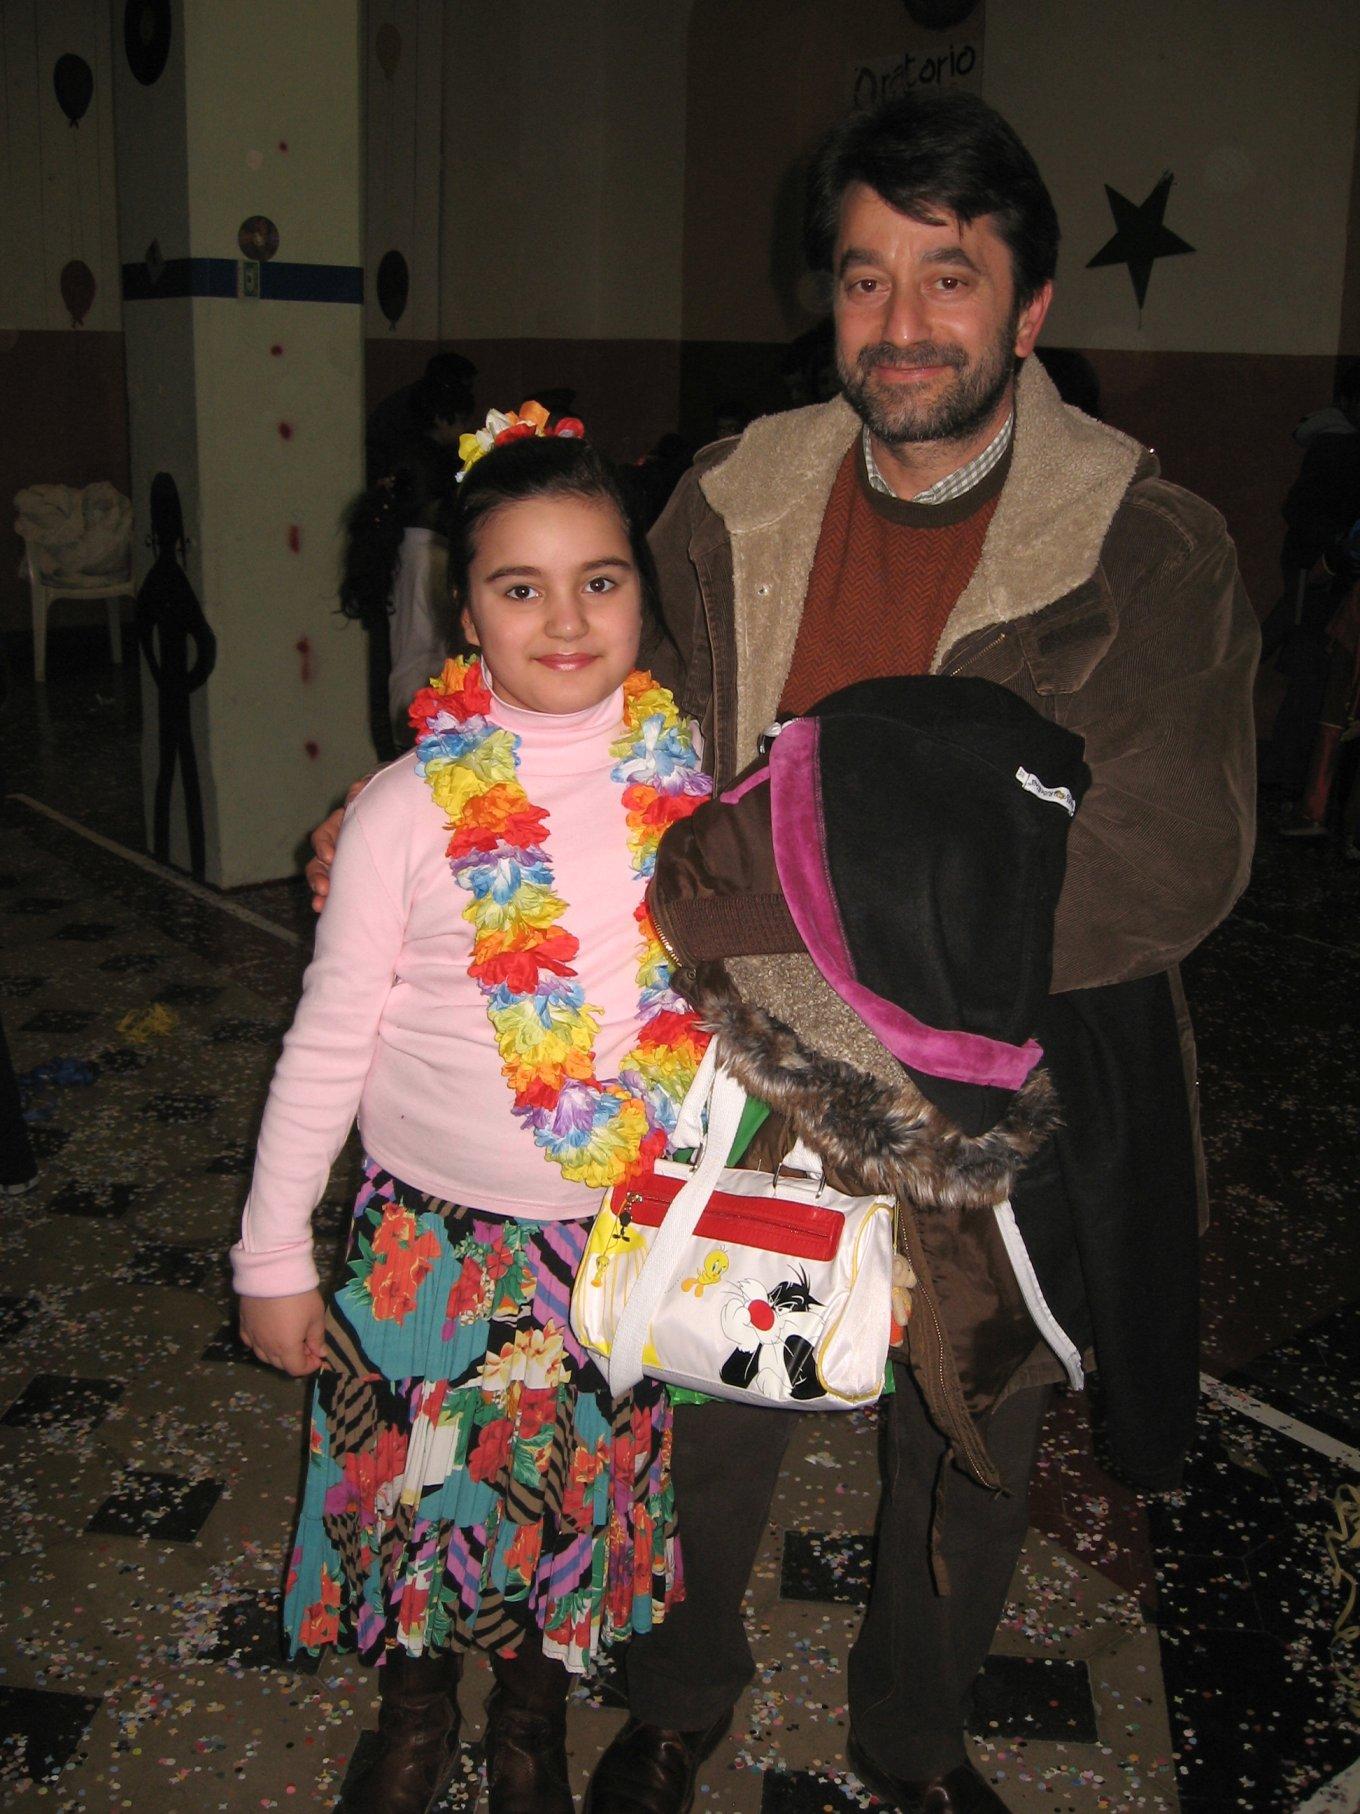 Pentolaccia-2009-02-22--16.49.15.jpg